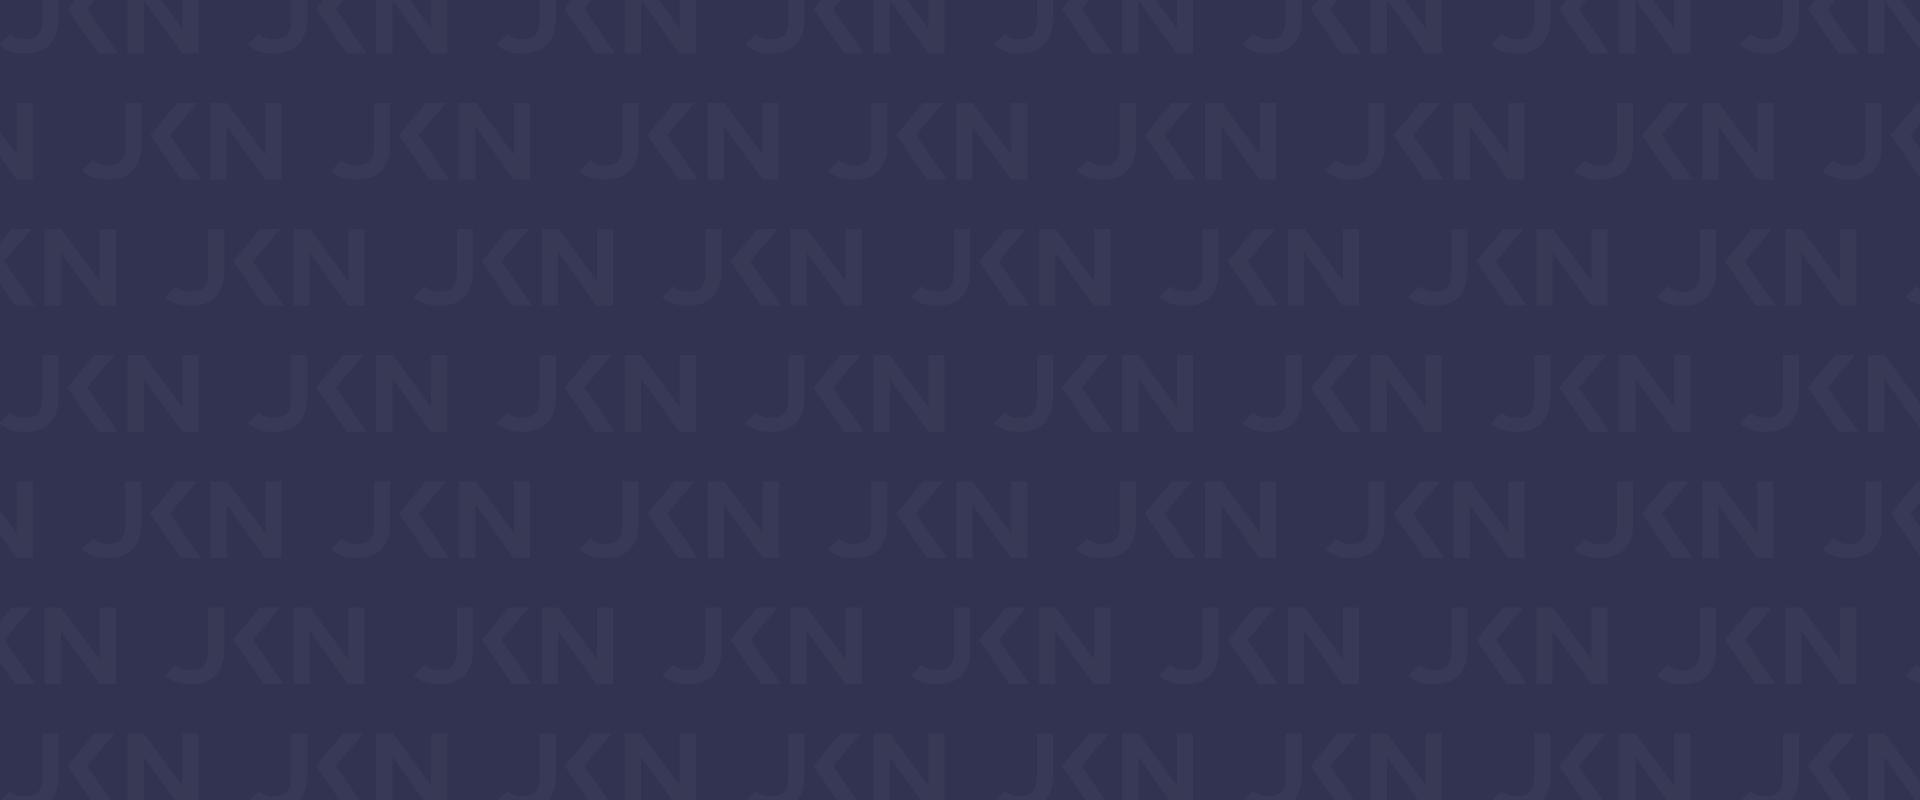 header-simple-dark.png